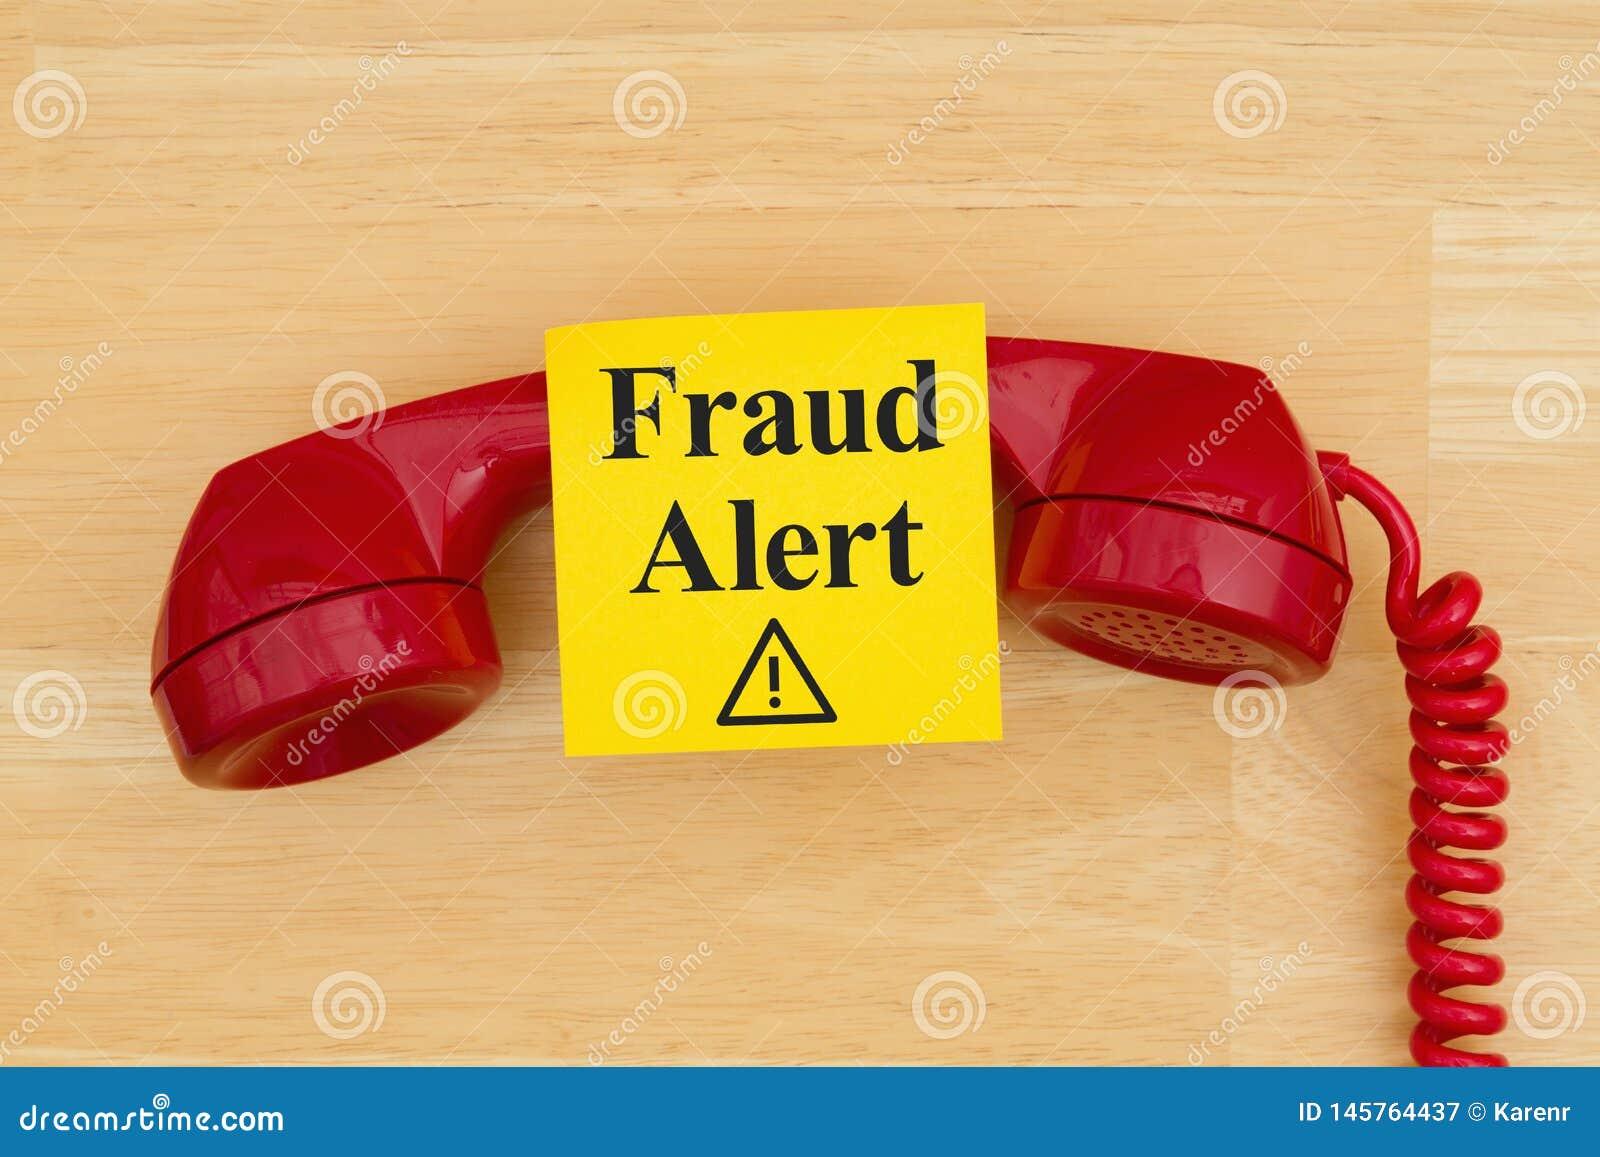 Απάτη άγρυπνη στην κολλώδη σημείωση με ένα αναδρομικό κόκκινο τηλέφωνο στο κατασκευασμένο ξύλινο γραφείο